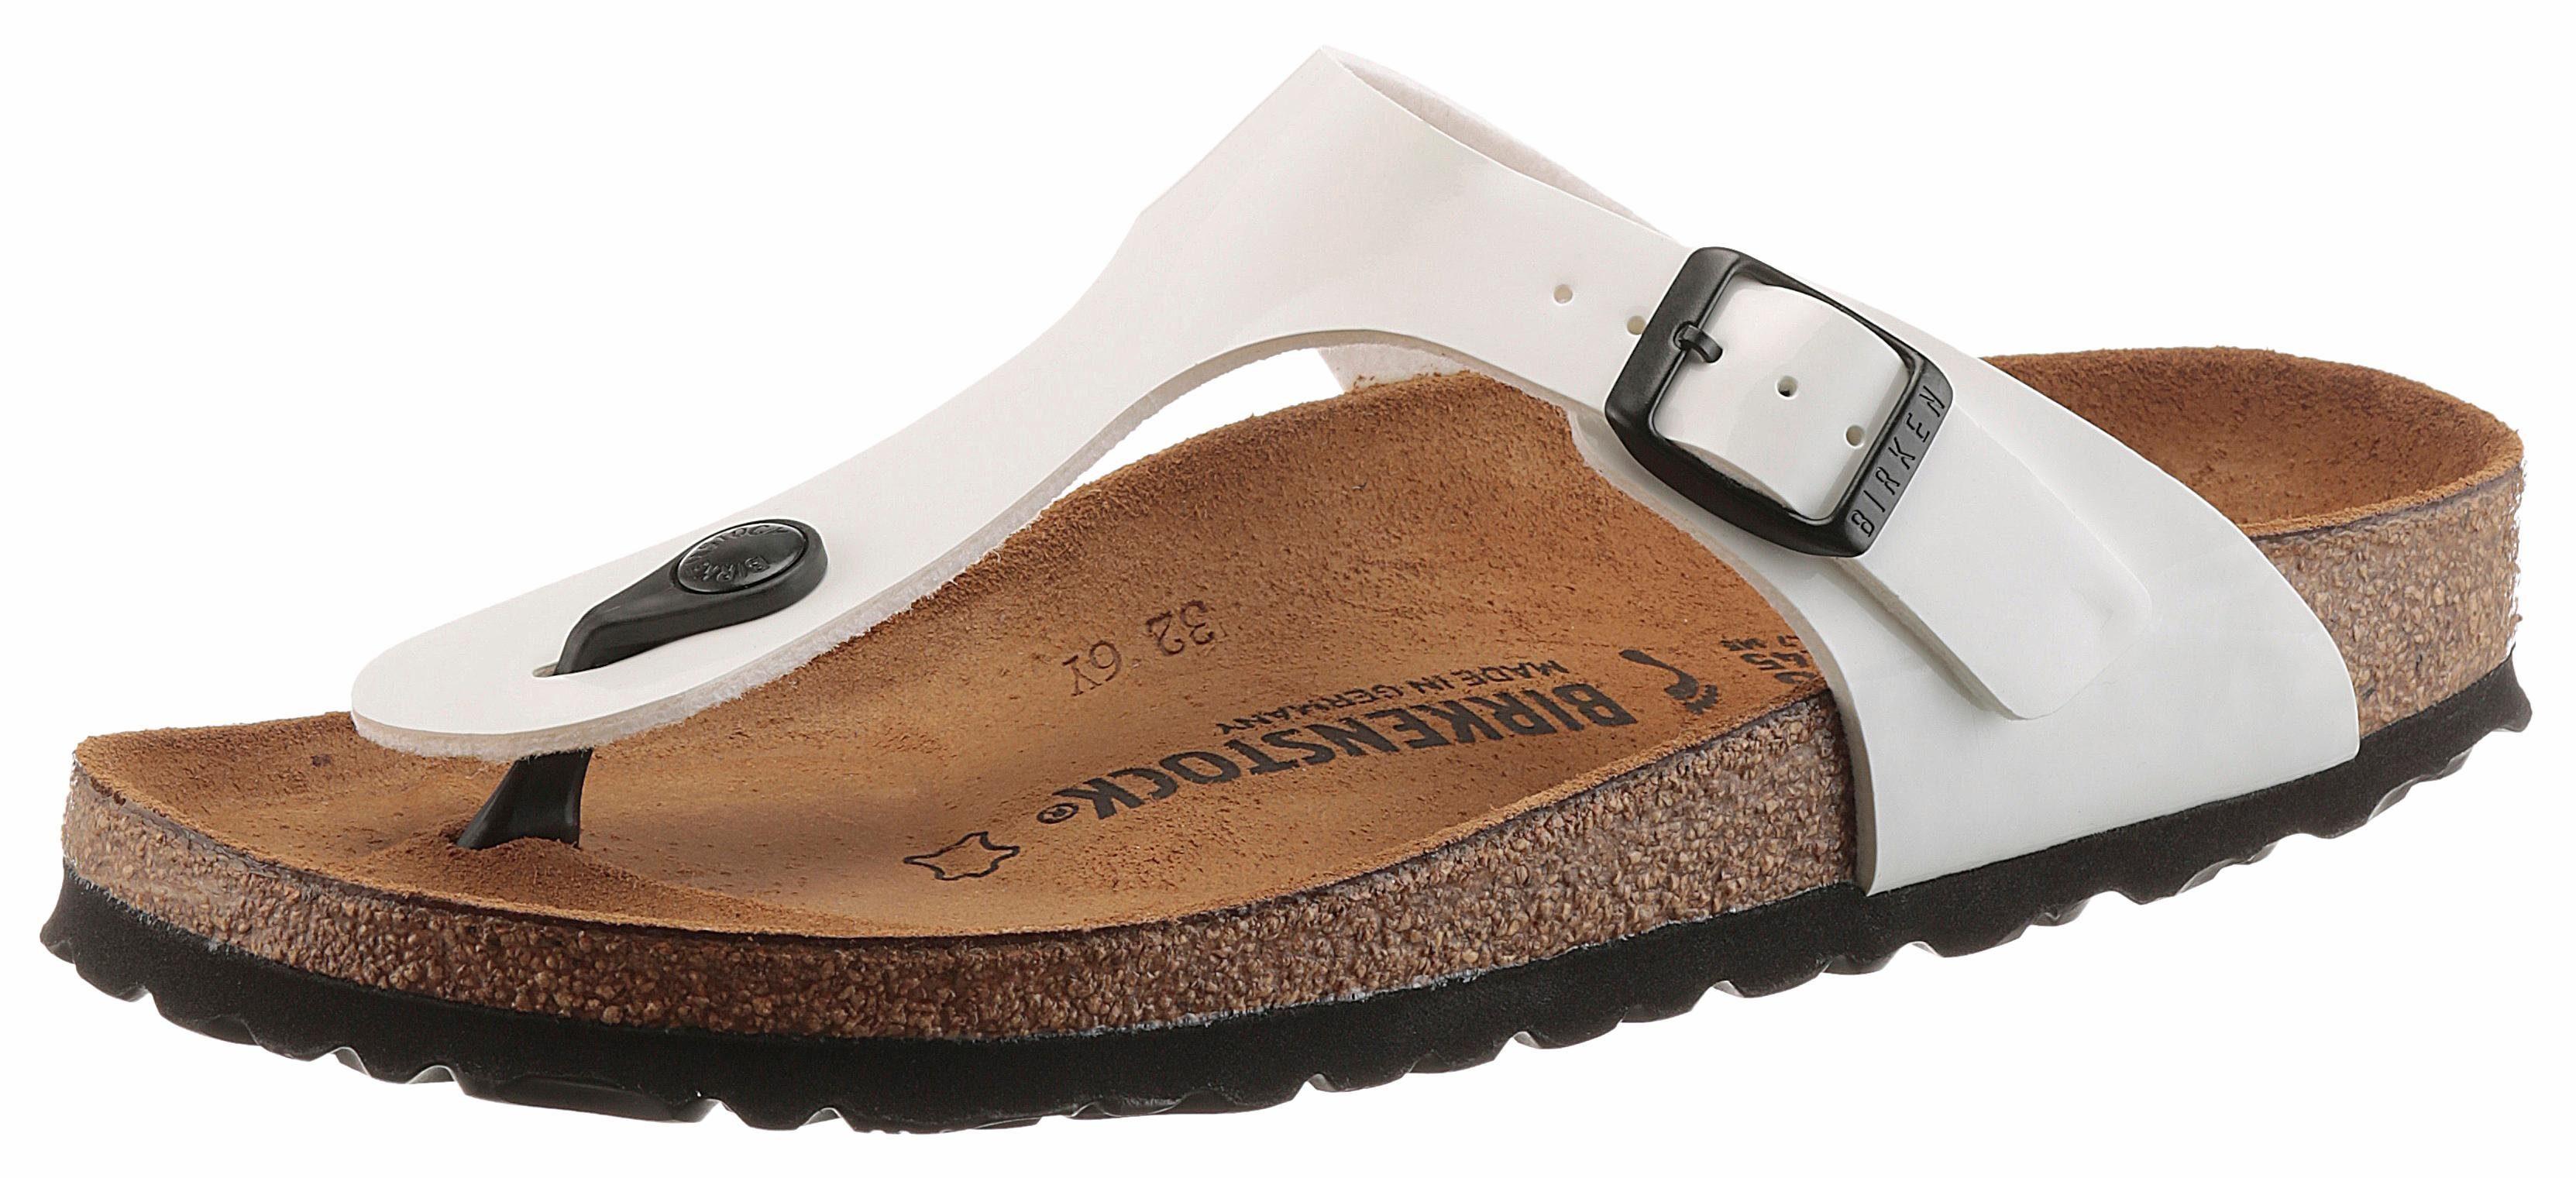 Birkenstock GIZEH Zehentrenner, in schmaler Schuhweite und Lack-Optik online kaufen  weiß